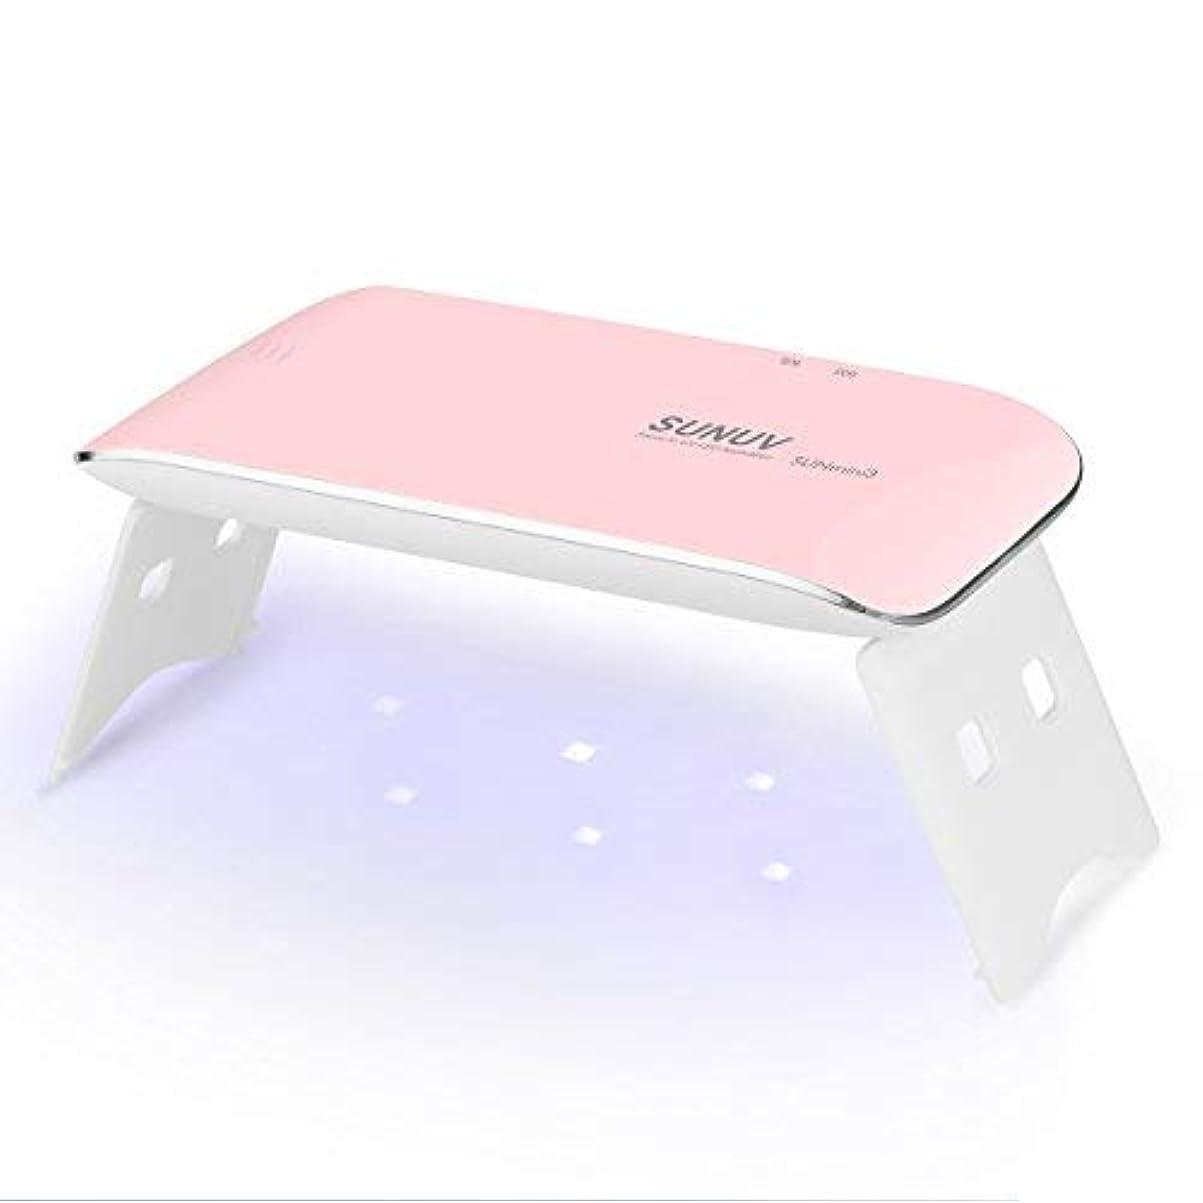 回復怒り針SUNUV UV ライト レジン用 ネイルドライヤー mini ミニ ジェルネイルライト 日本語説明書 ネイルライト 6W 初心者 電池 USB給電 2倍の長寿命 カワイイ 携帯式 一年保証期間